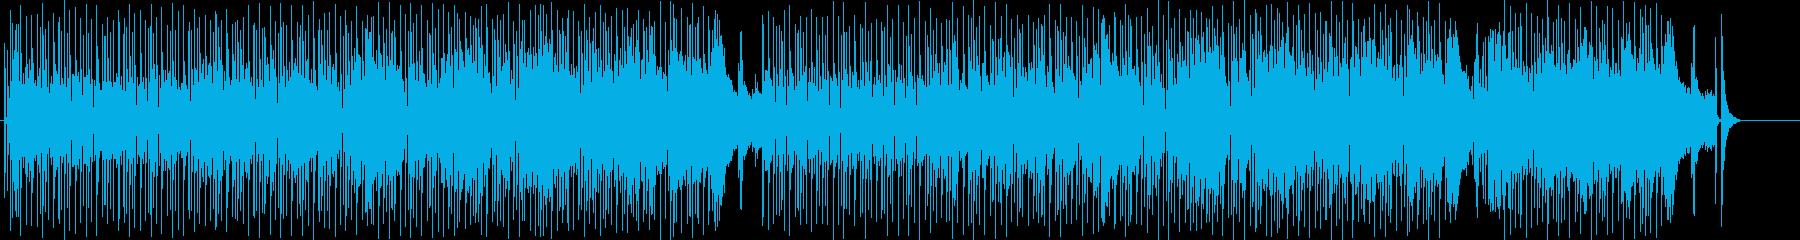 ブラスのキュートなロックン・ロールの再生済みの波形